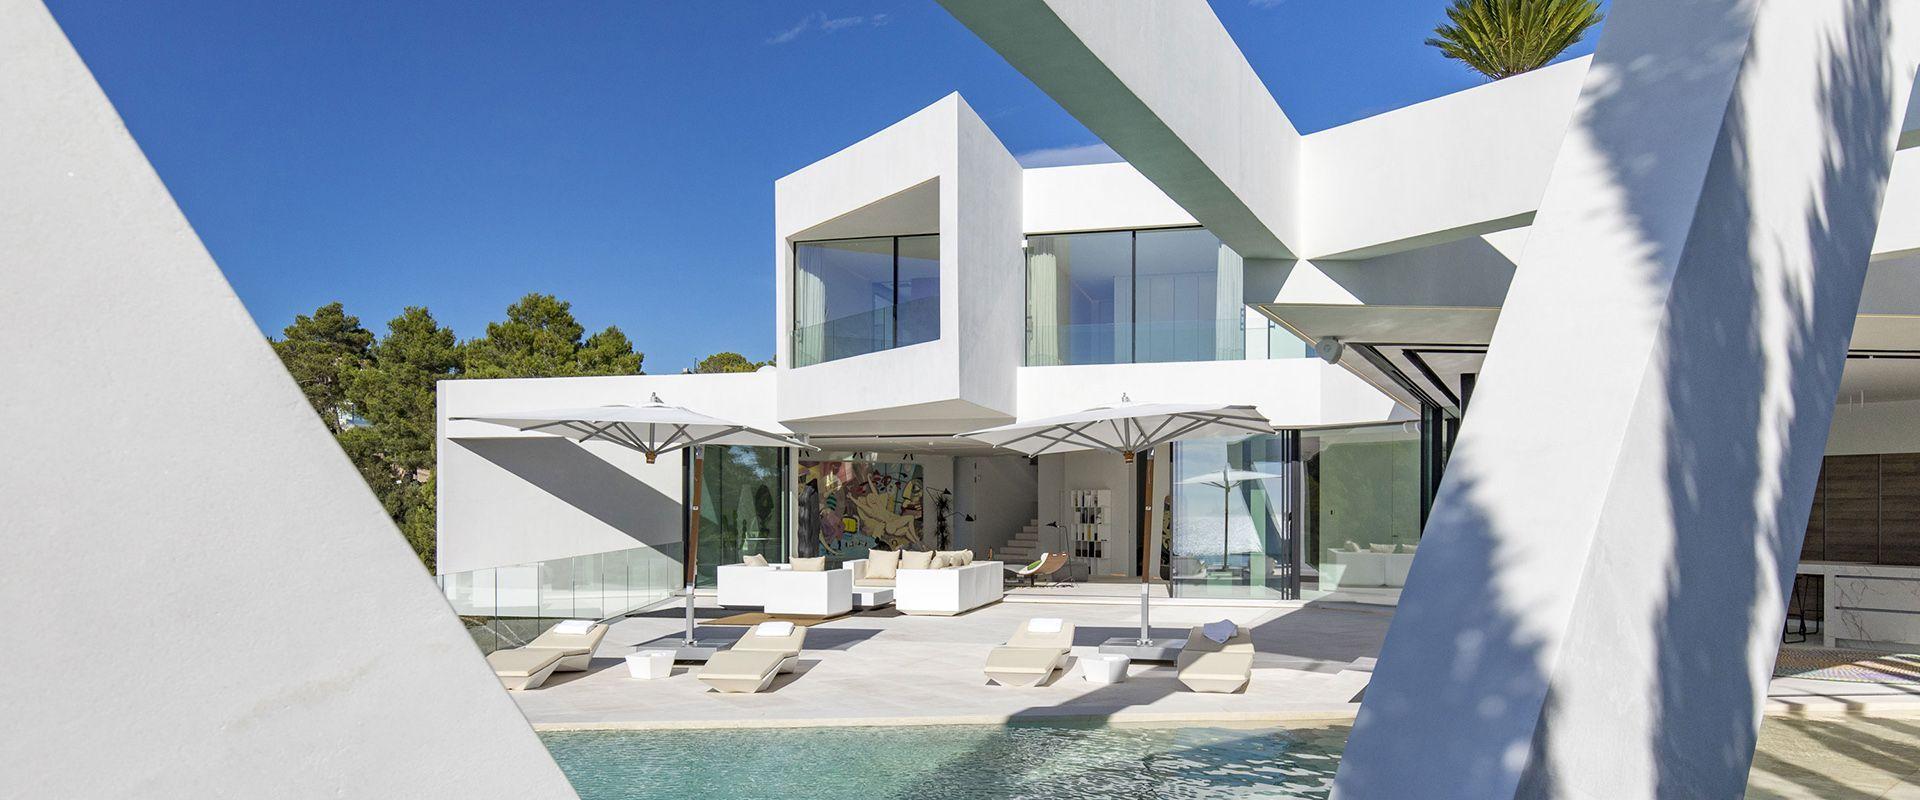 Villa Triángulo: design e tecnologia si incontrano in un fondersi di geometrie